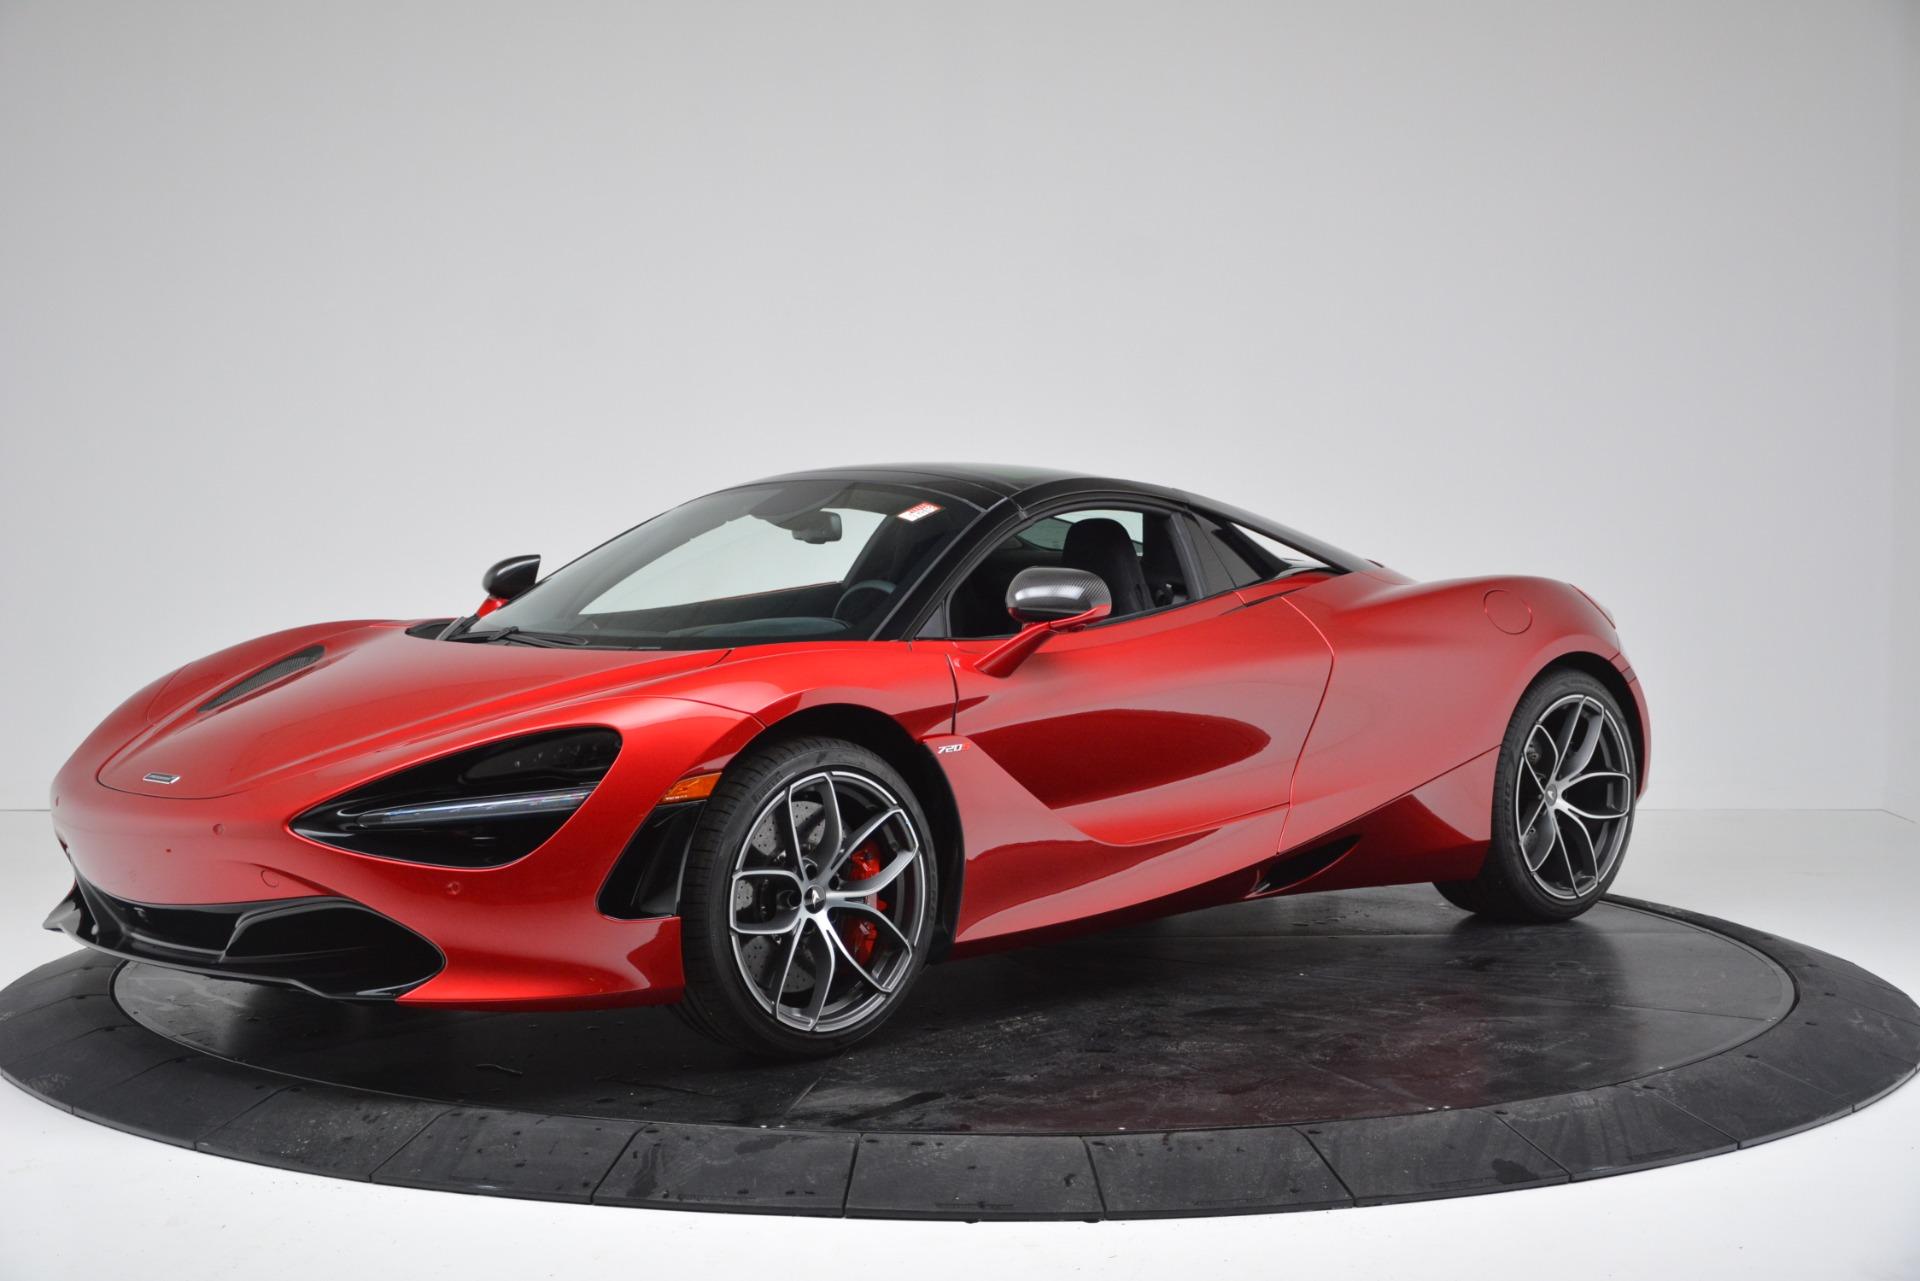 New 2020 McLaren 720S Spider Convertible For Sale In Westport, CT 3320_p4